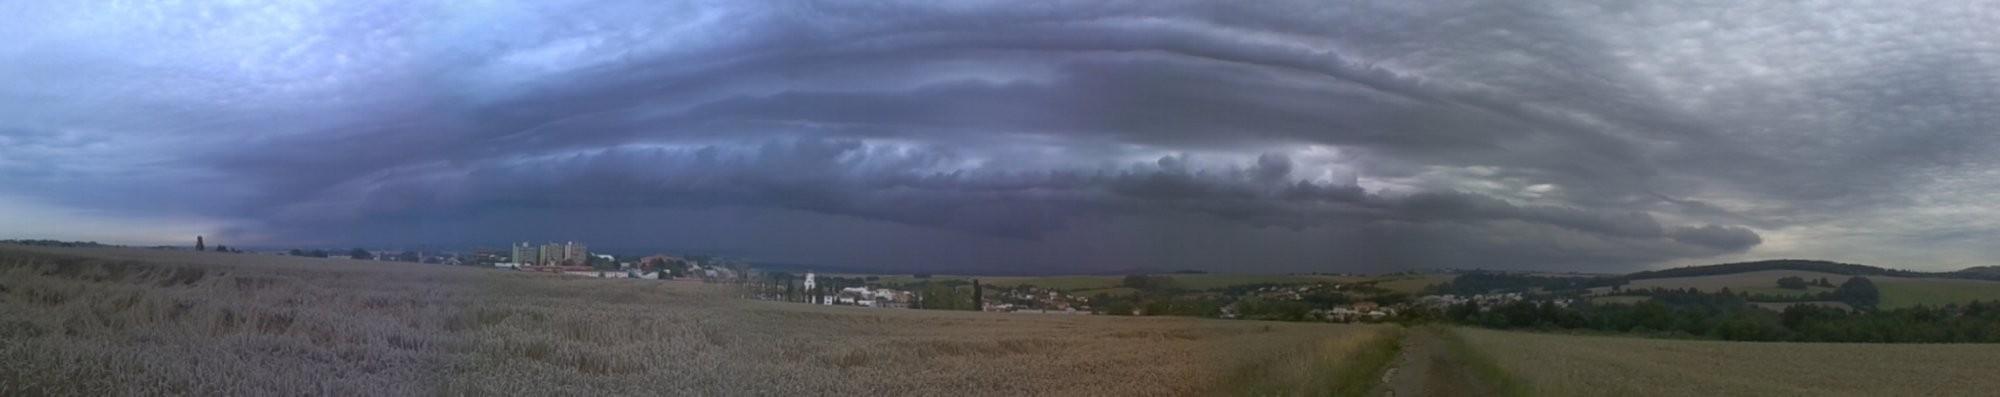 Shelf cloud přišel na SV Moravě